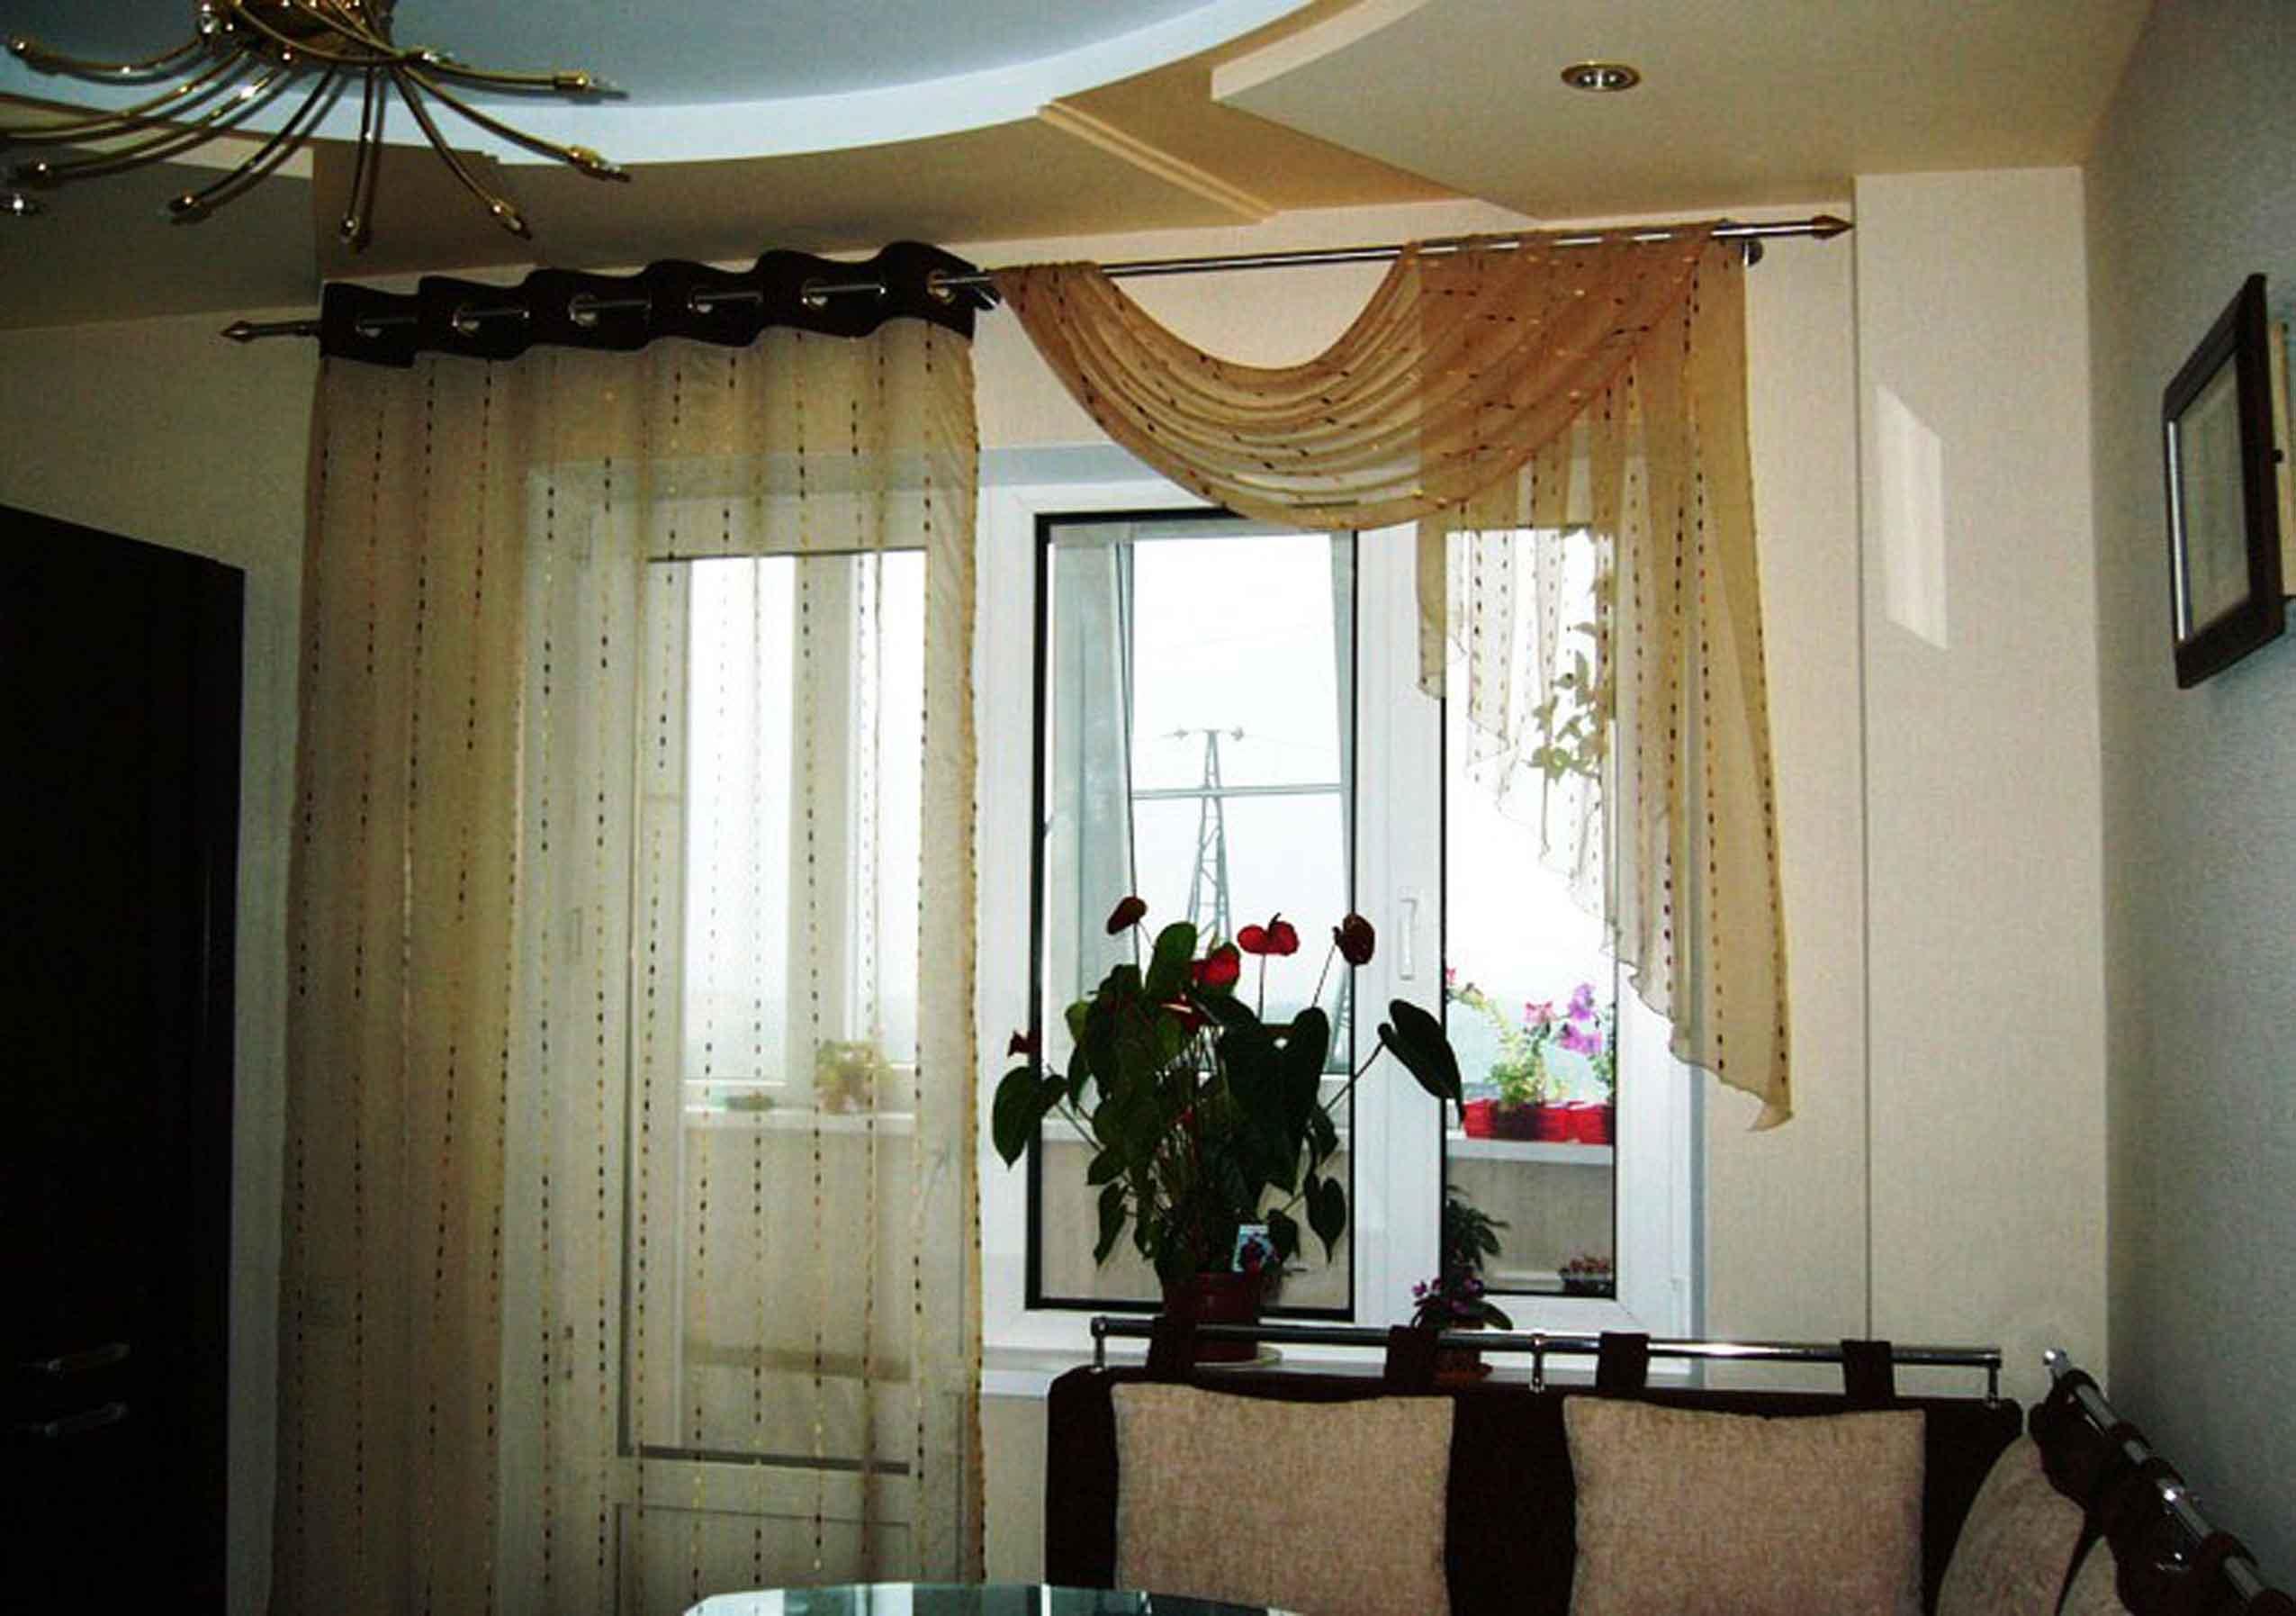 Шторы на кухню с балконной дверью - фото-идеи дизайна.